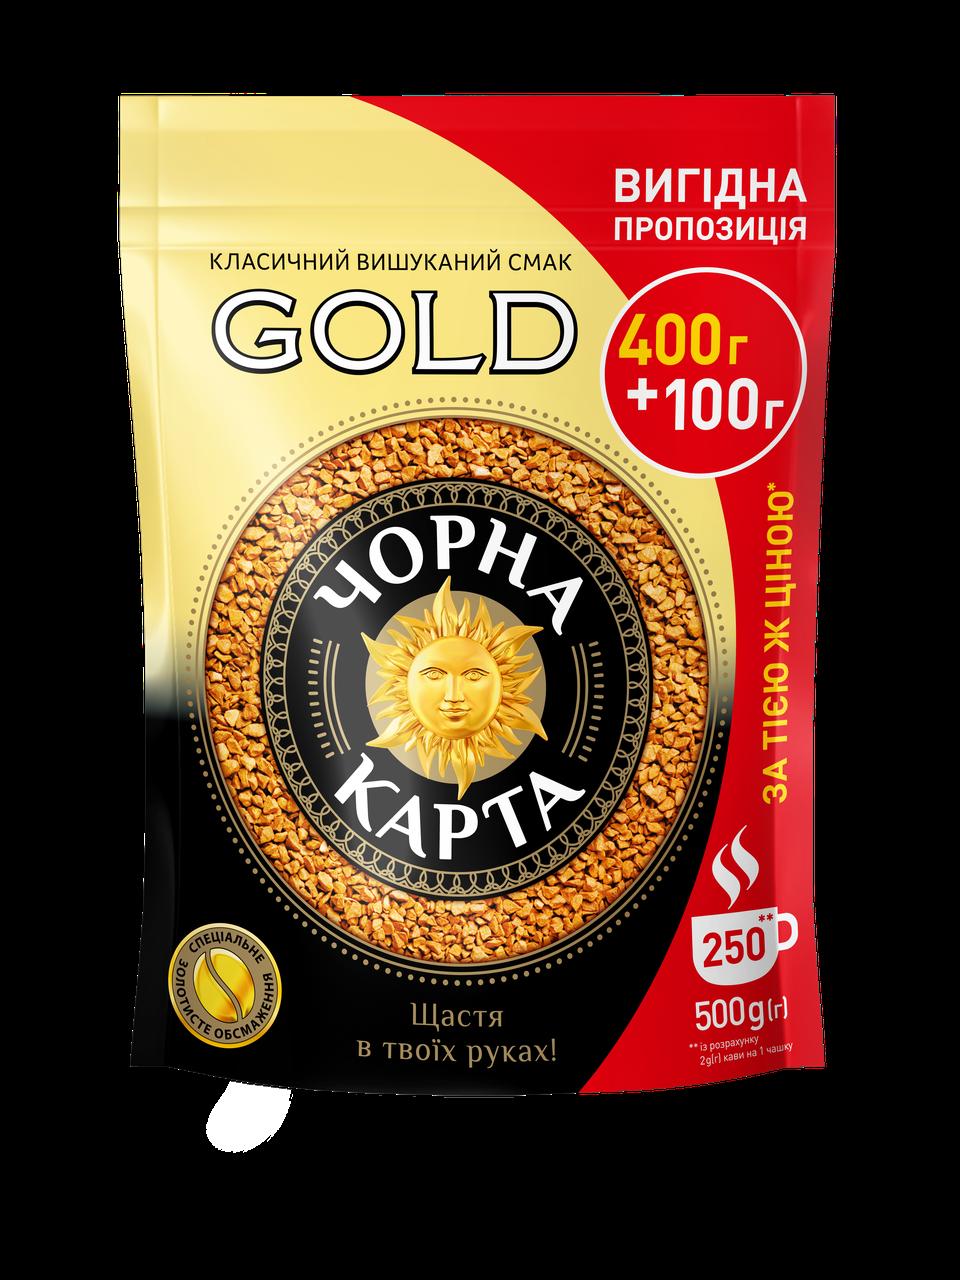 Кава розчинна Чорна Карта Gold, пакет 500г